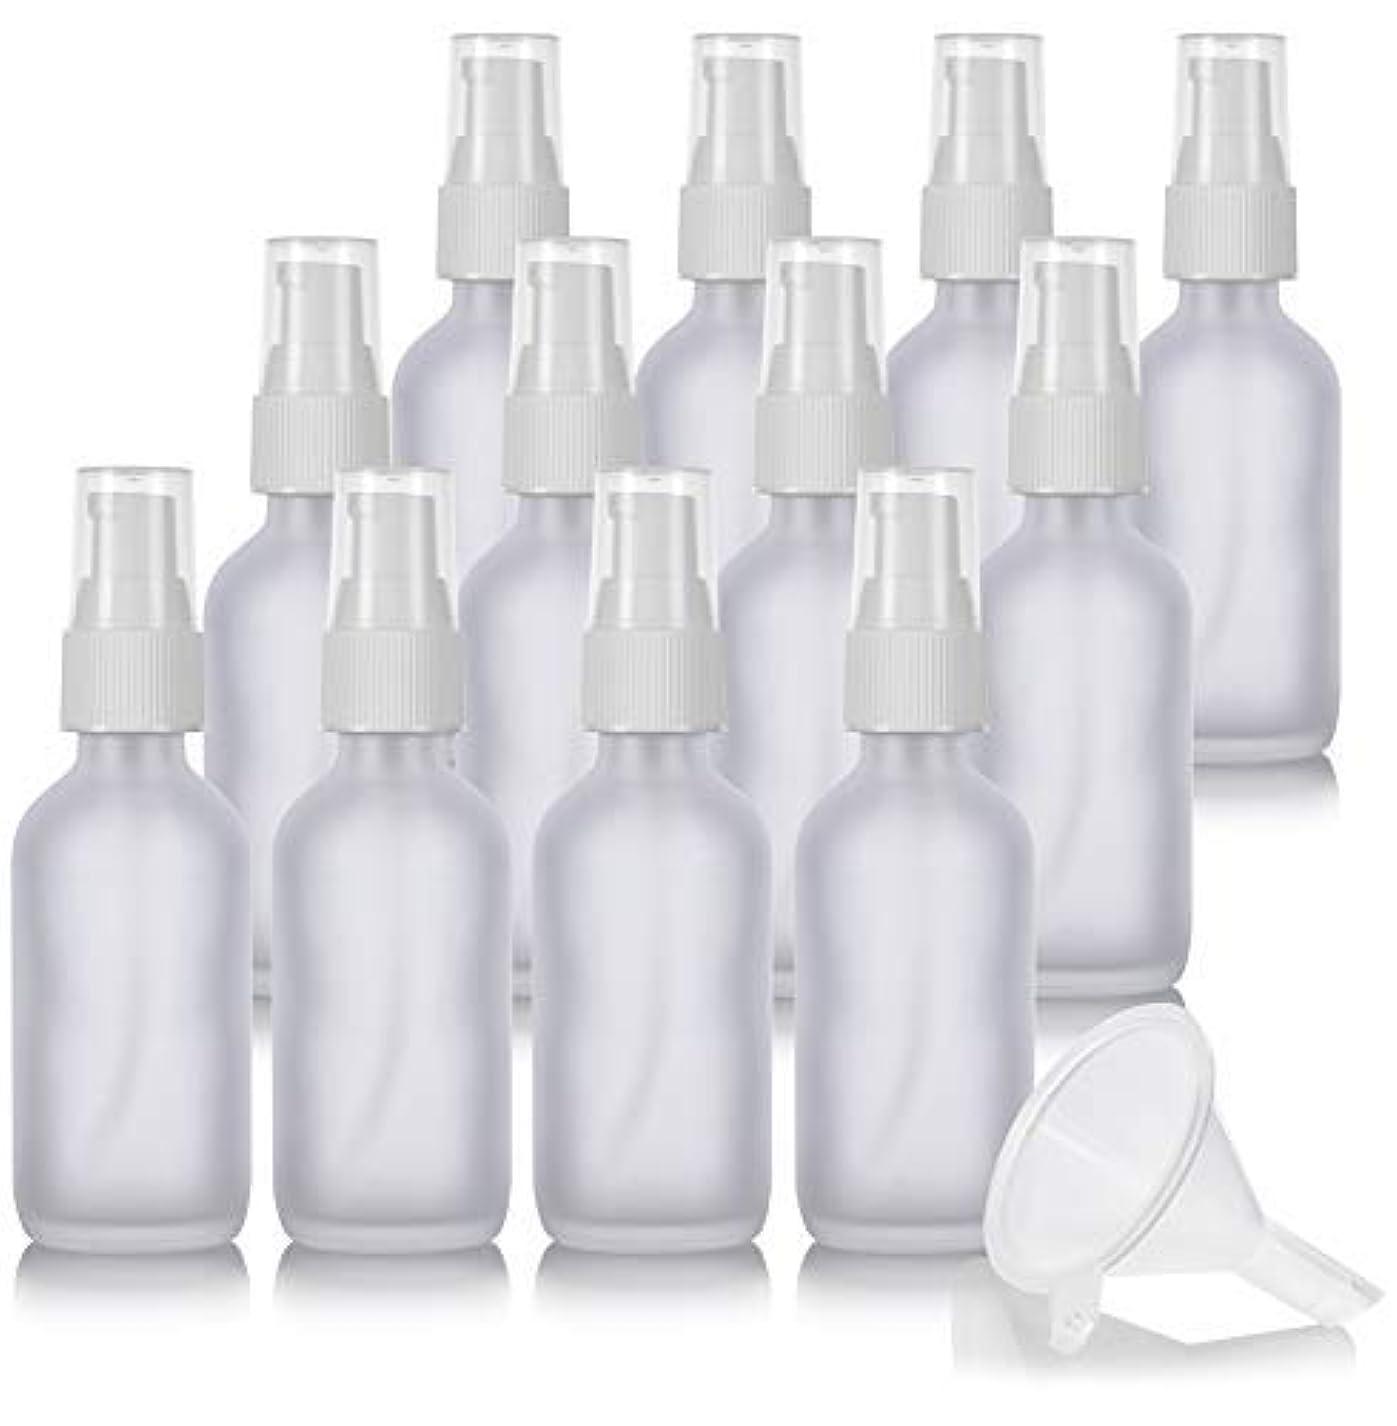 キャンドル探す好ましい2 oz Frosted Clear Glass Boston Round White Treatment Pump Bottle (12 Pack) + Funnel and Labels for Cosmetics,...